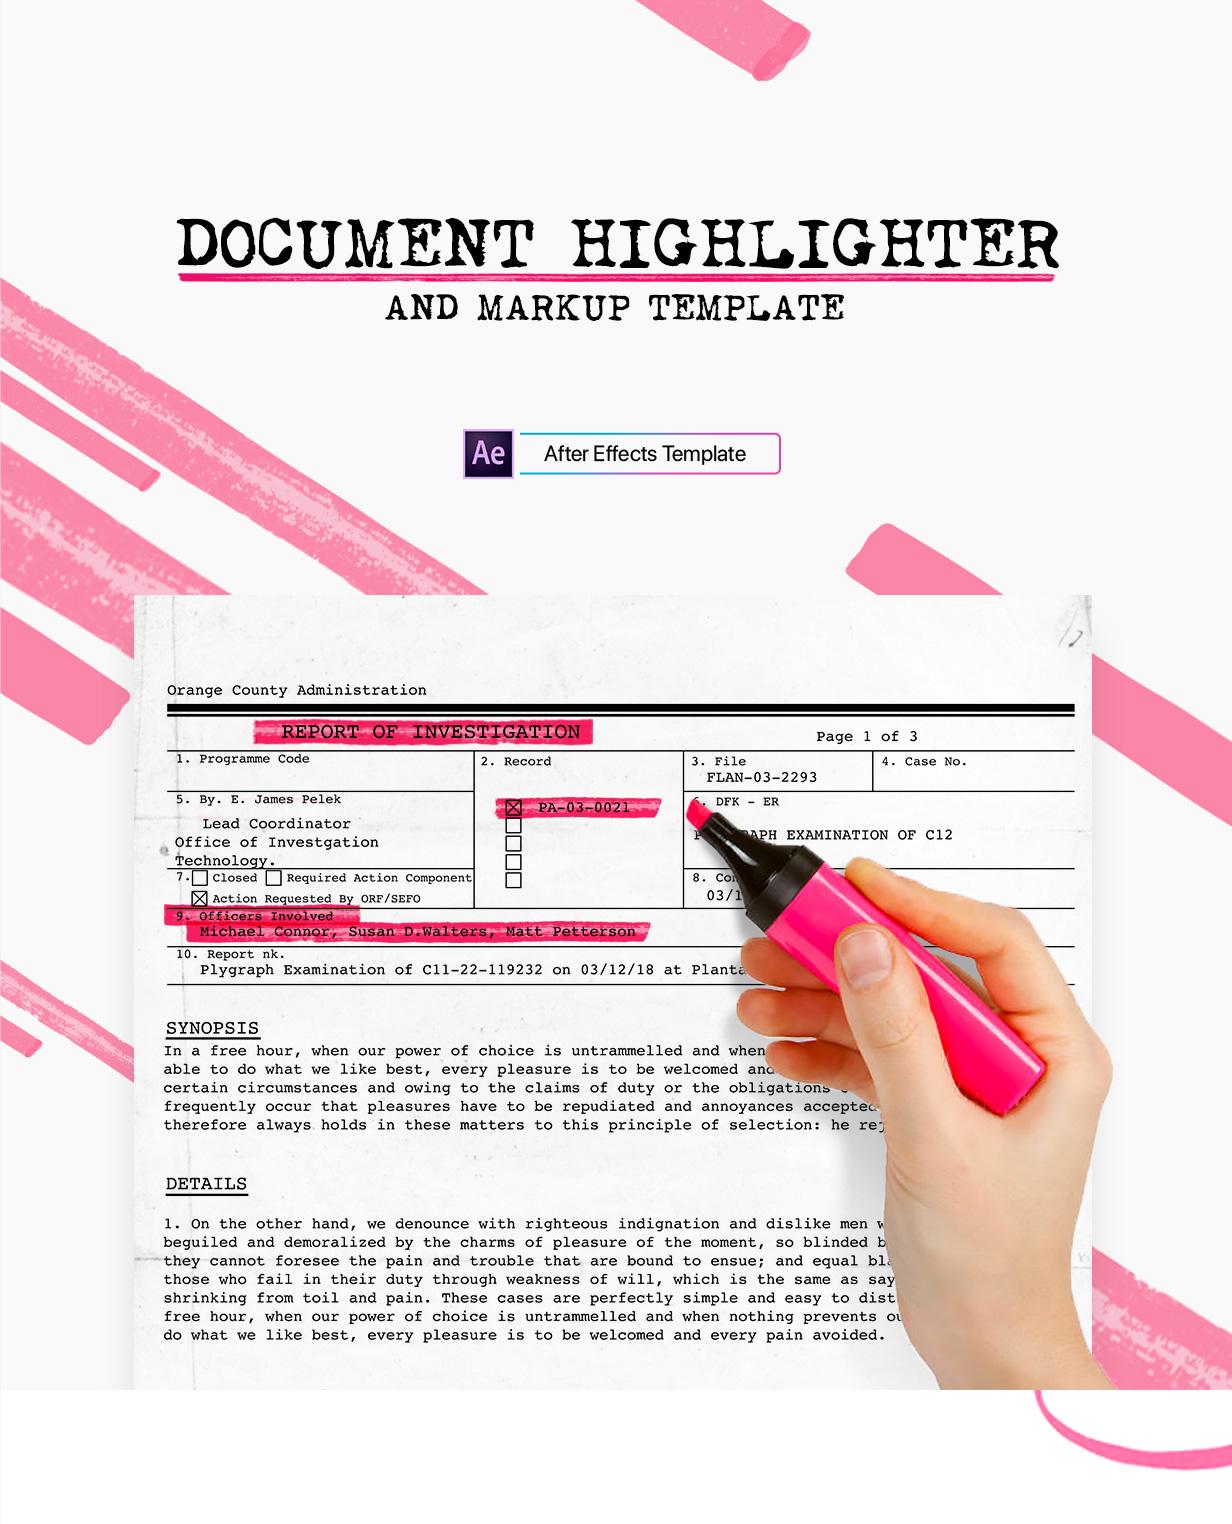 Document Highlighter - 1